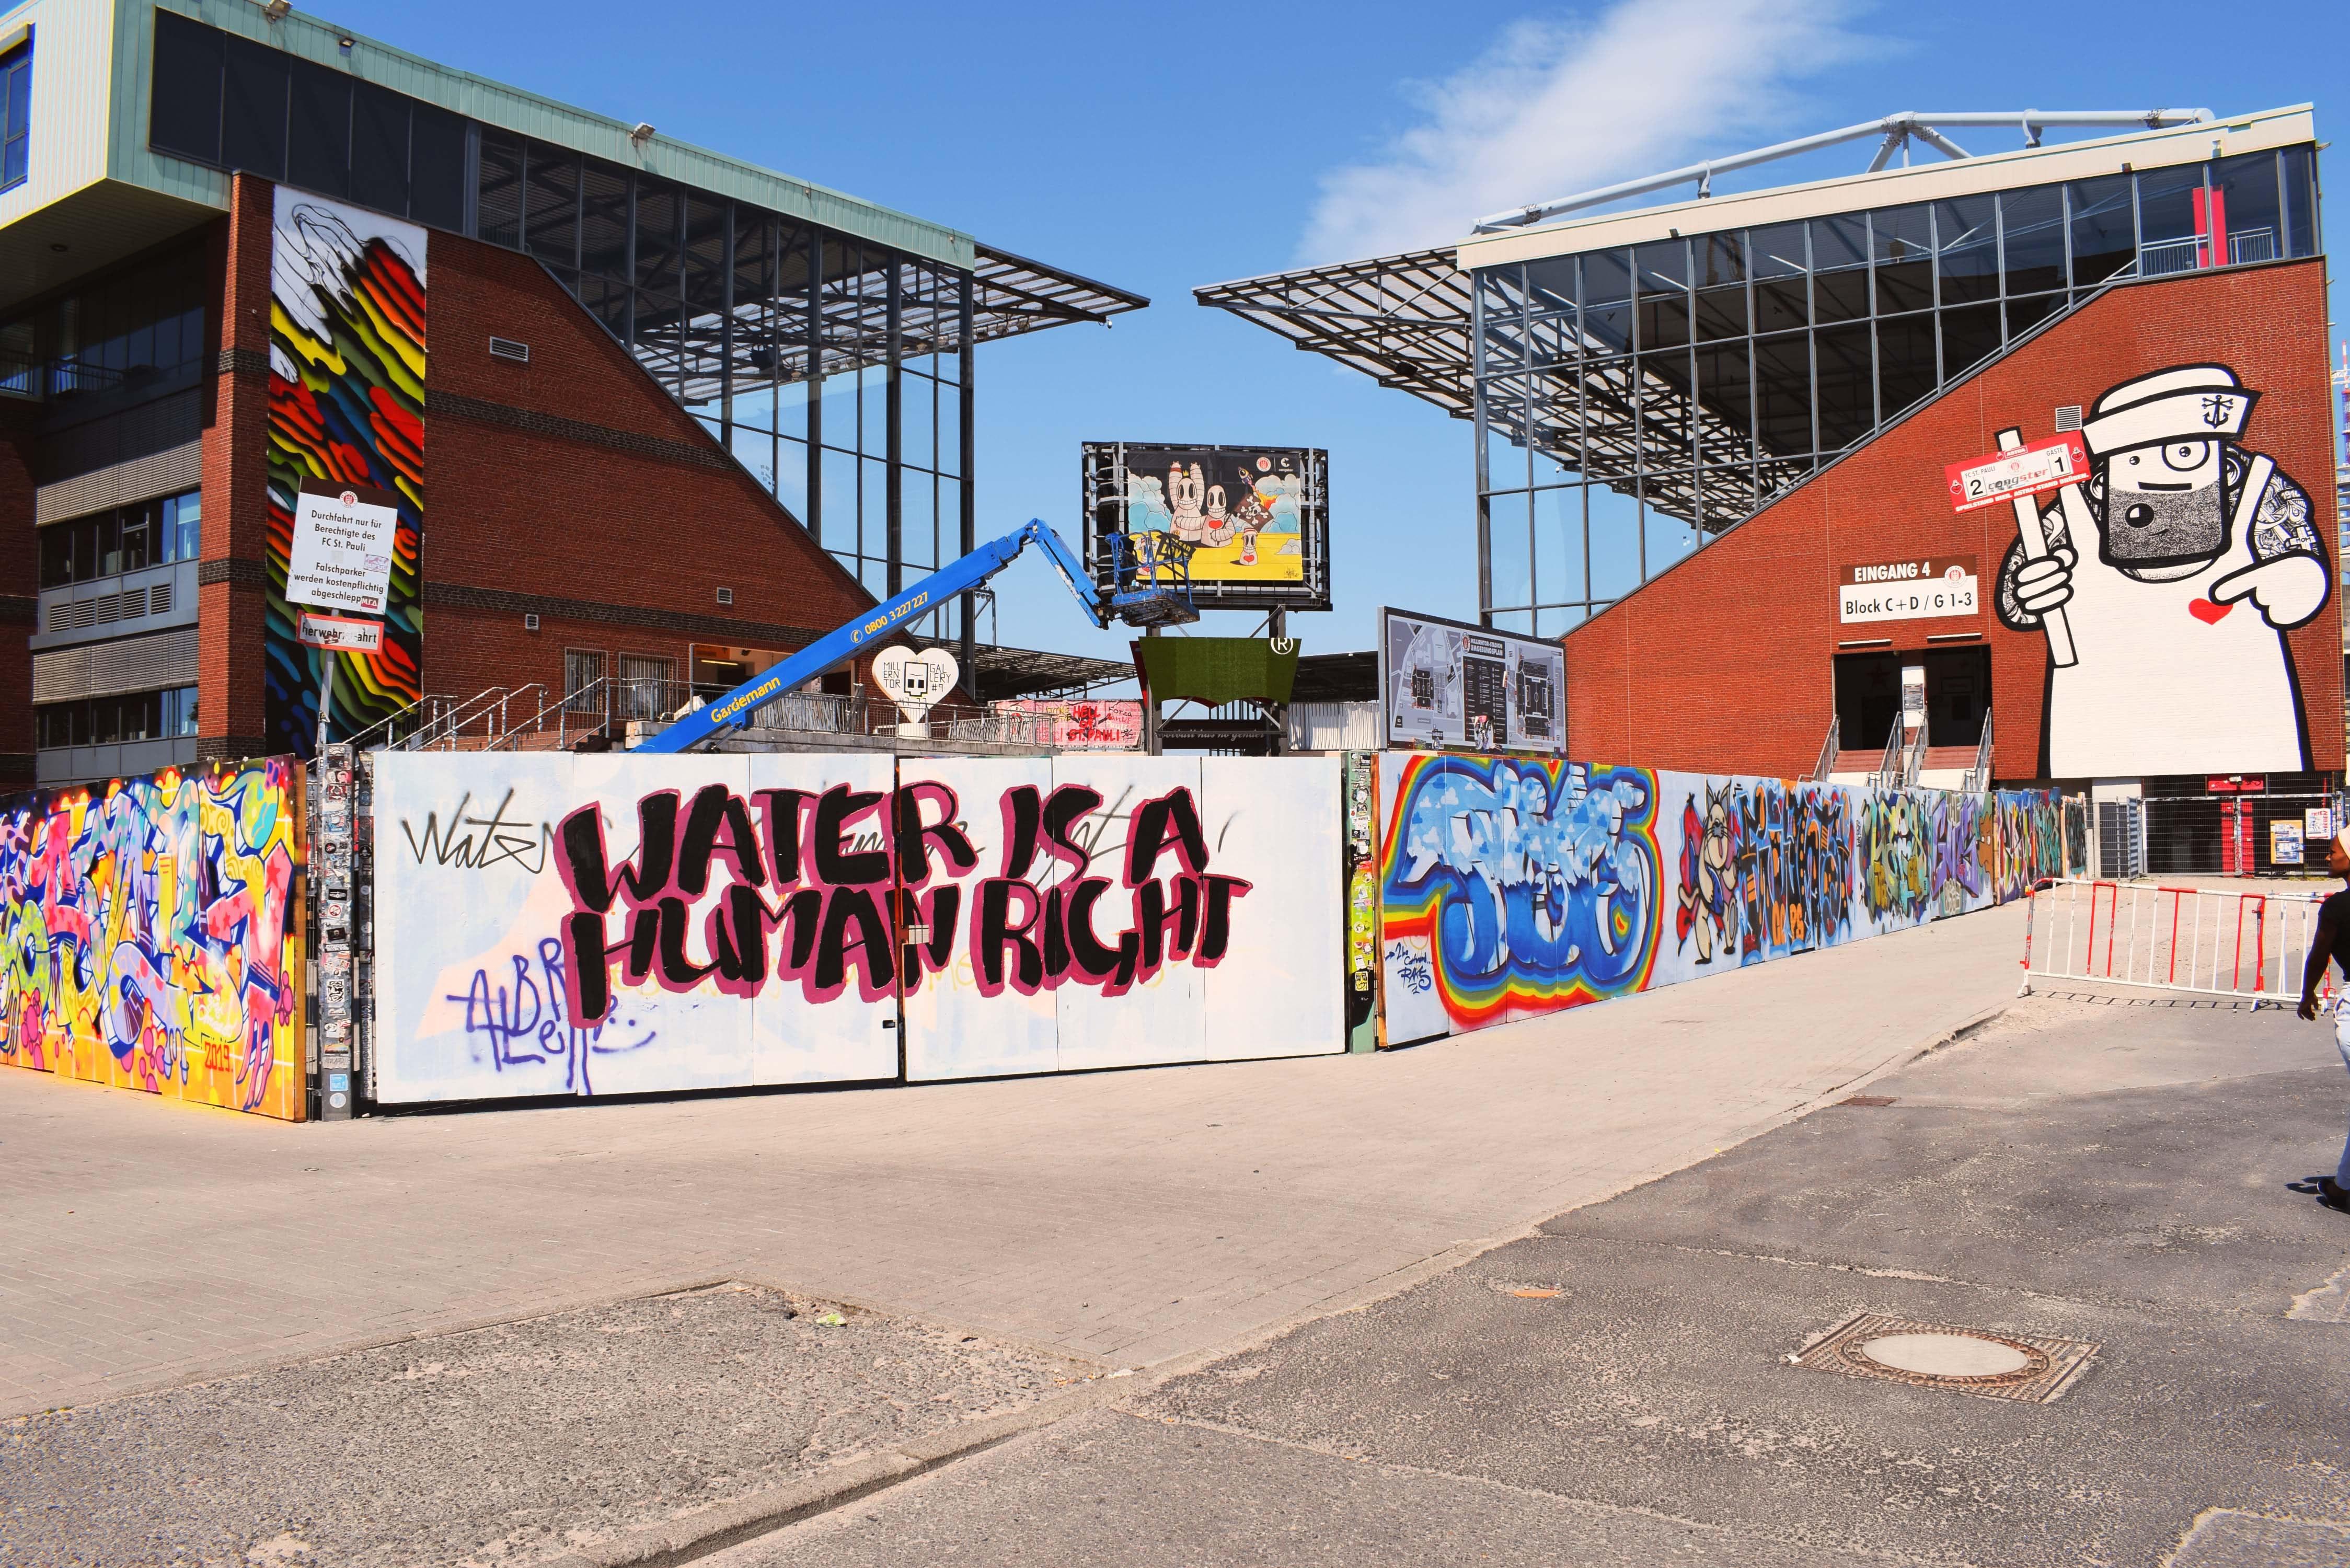 Viva con agua und das Millerntor-Stadion freuen sich über kreative Köpfe!